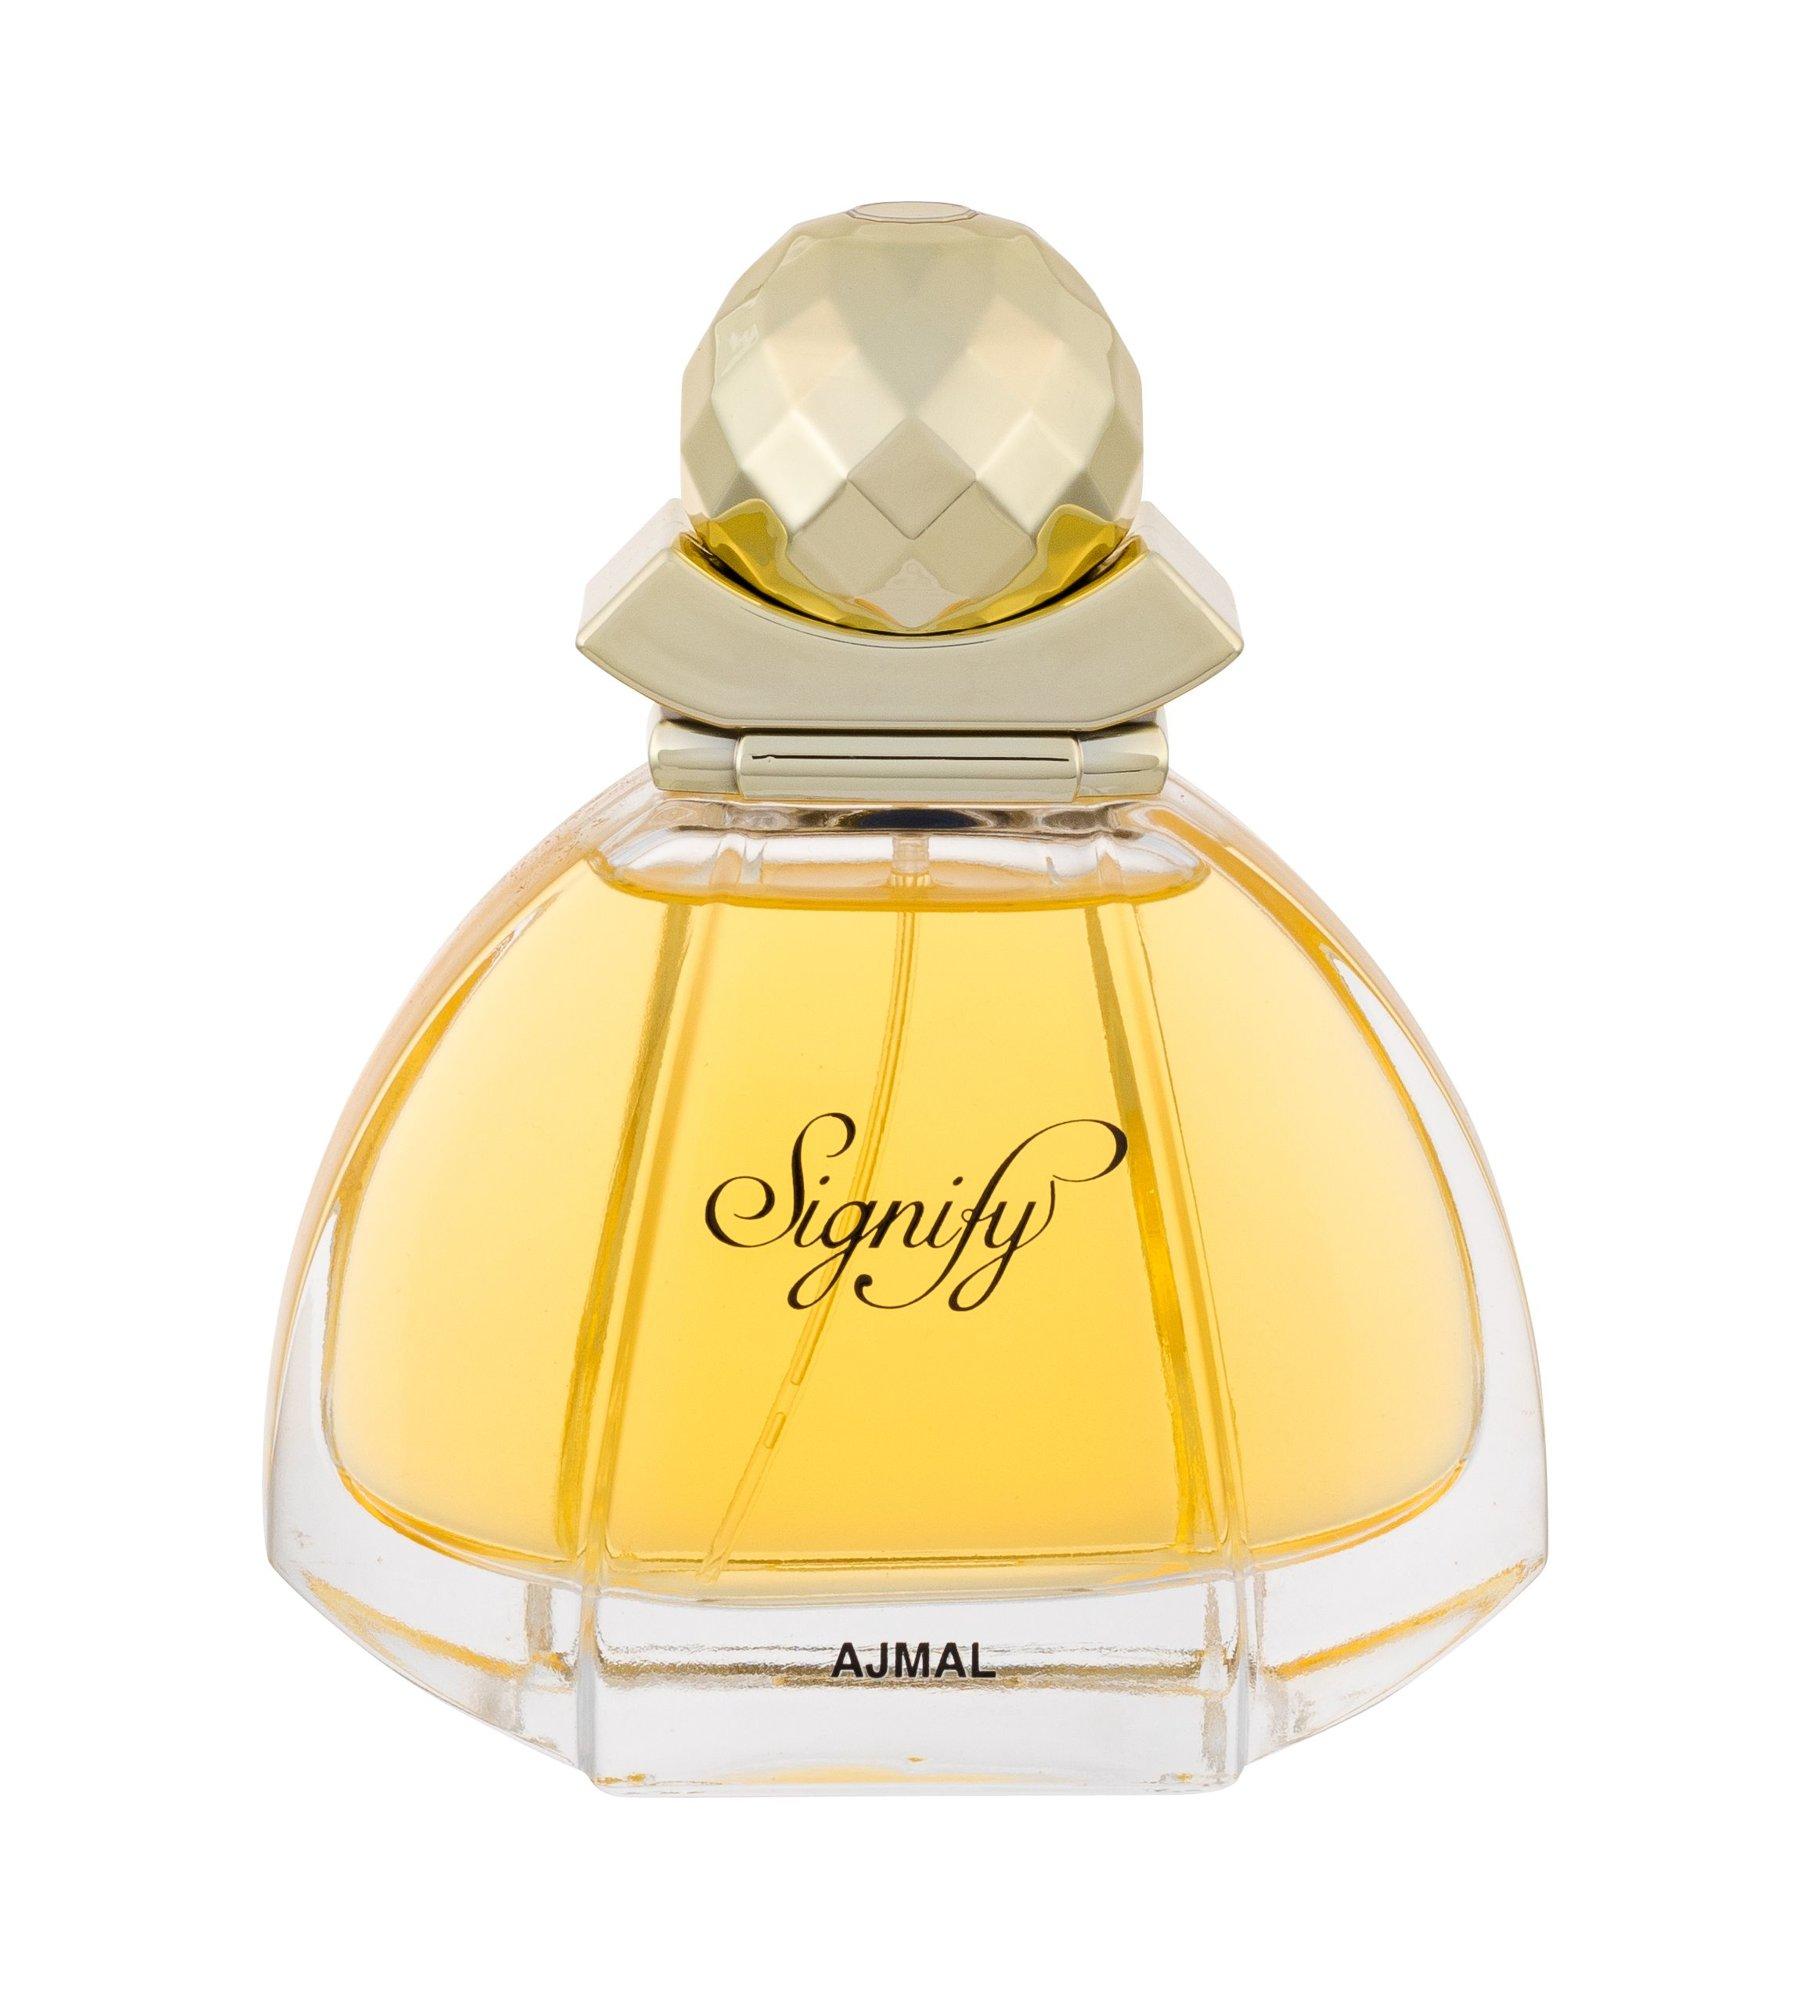 Ajmal Signify Eau de Parfum 75ml